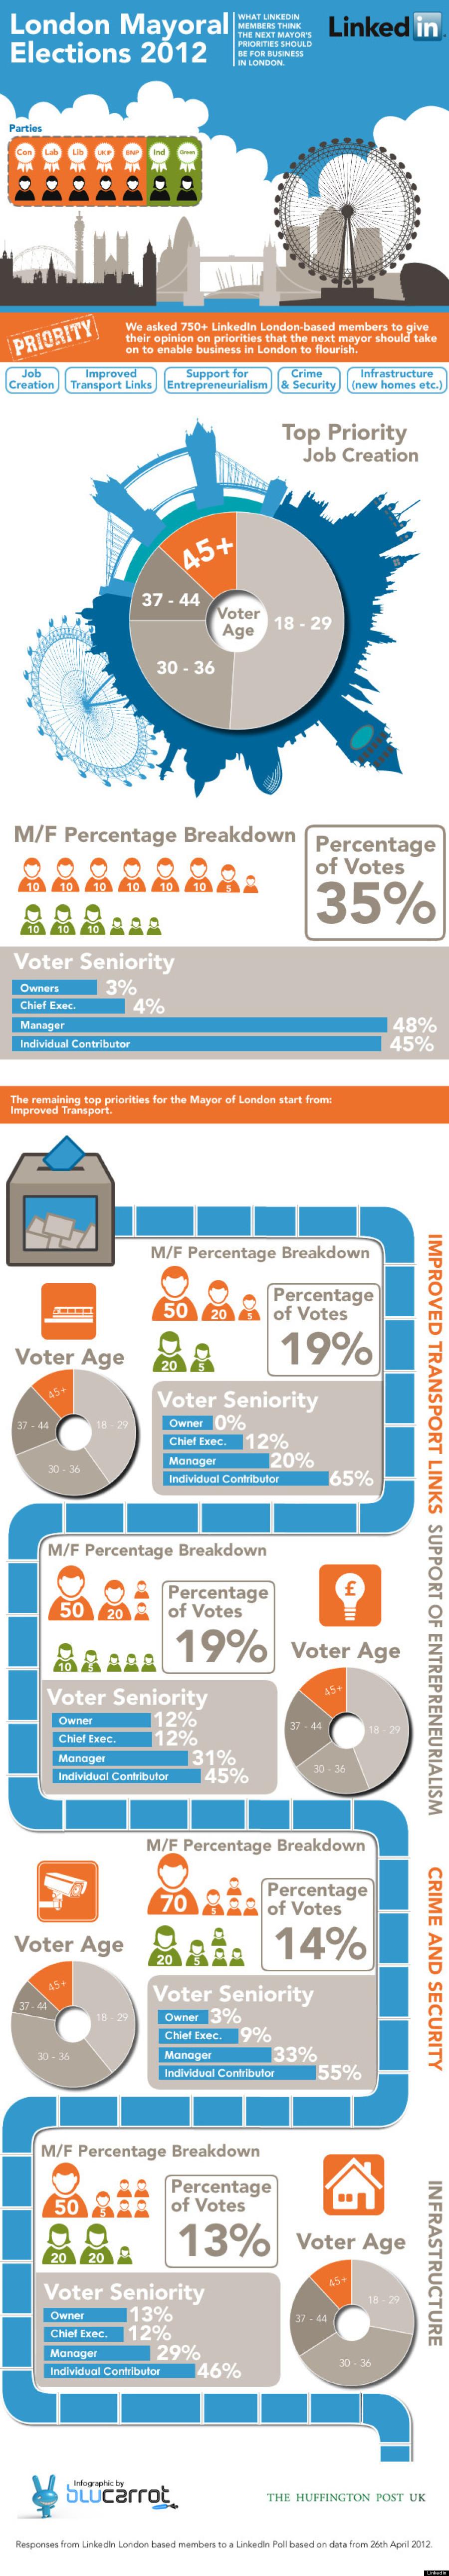 HuffPost/LinkedIn Mayral Election Poll